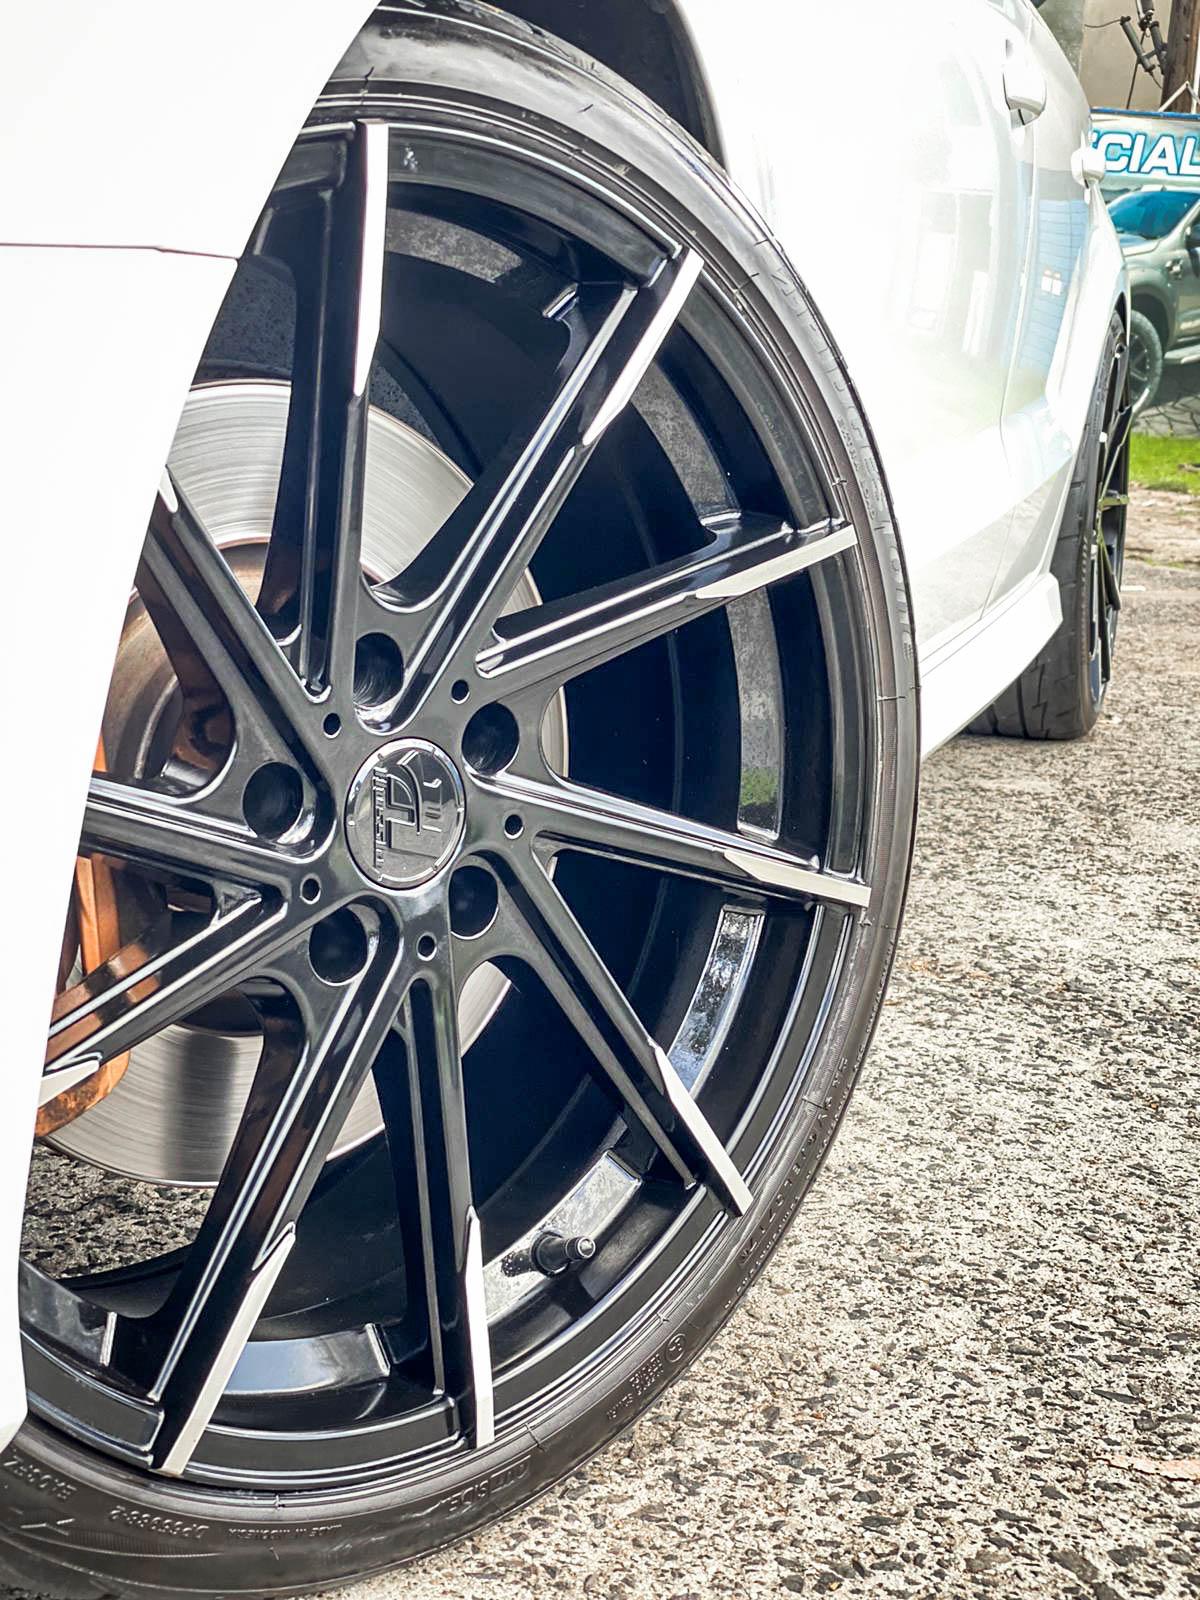 Audi s3 on hussla alz gloss black 3 of 4